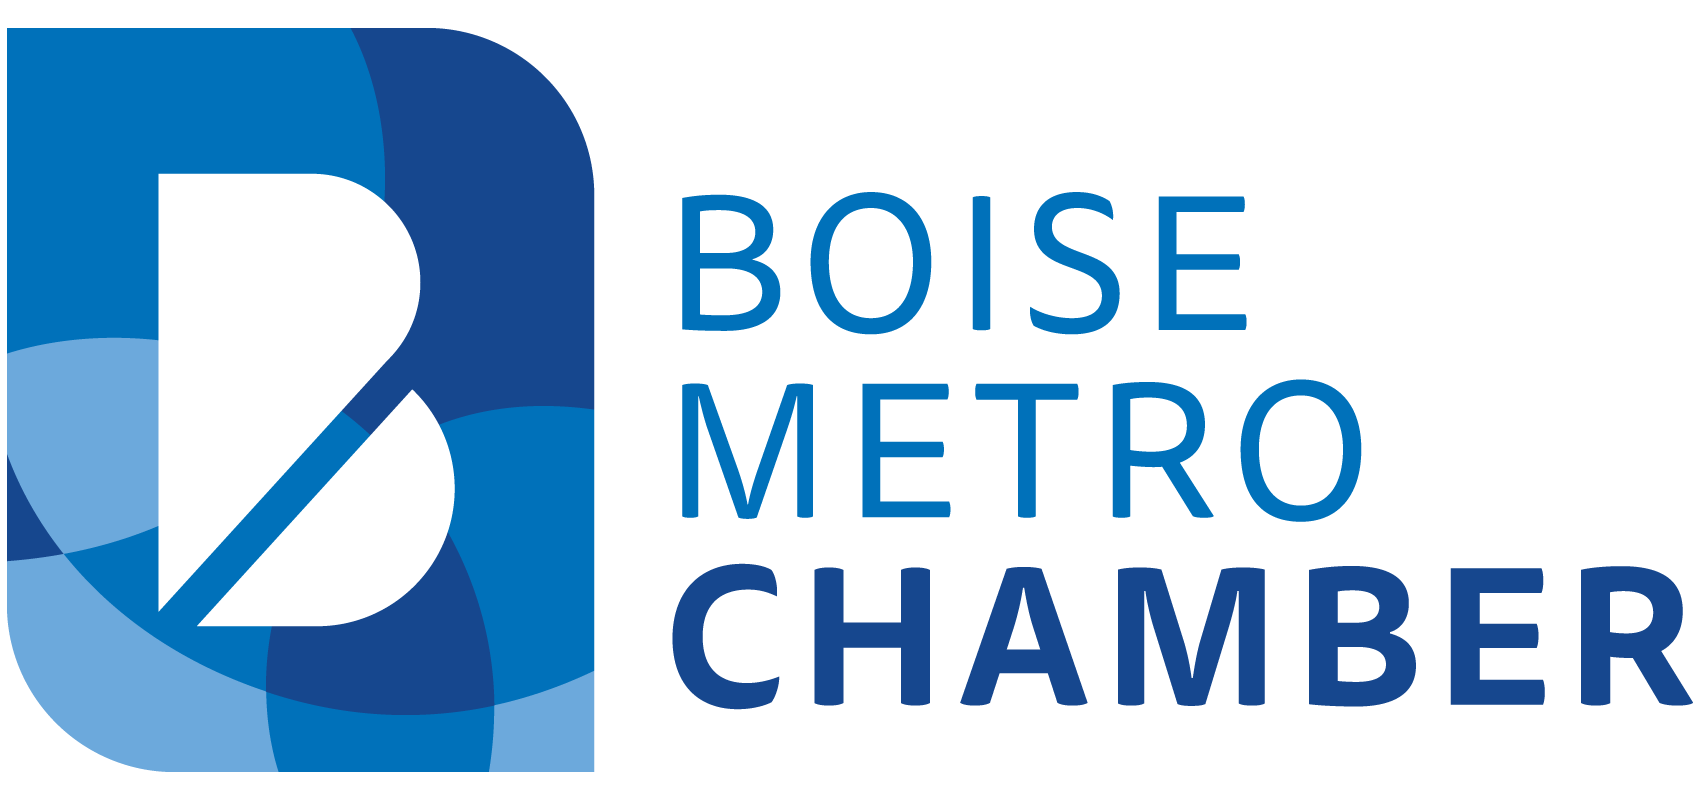 Boise Metro Chamber